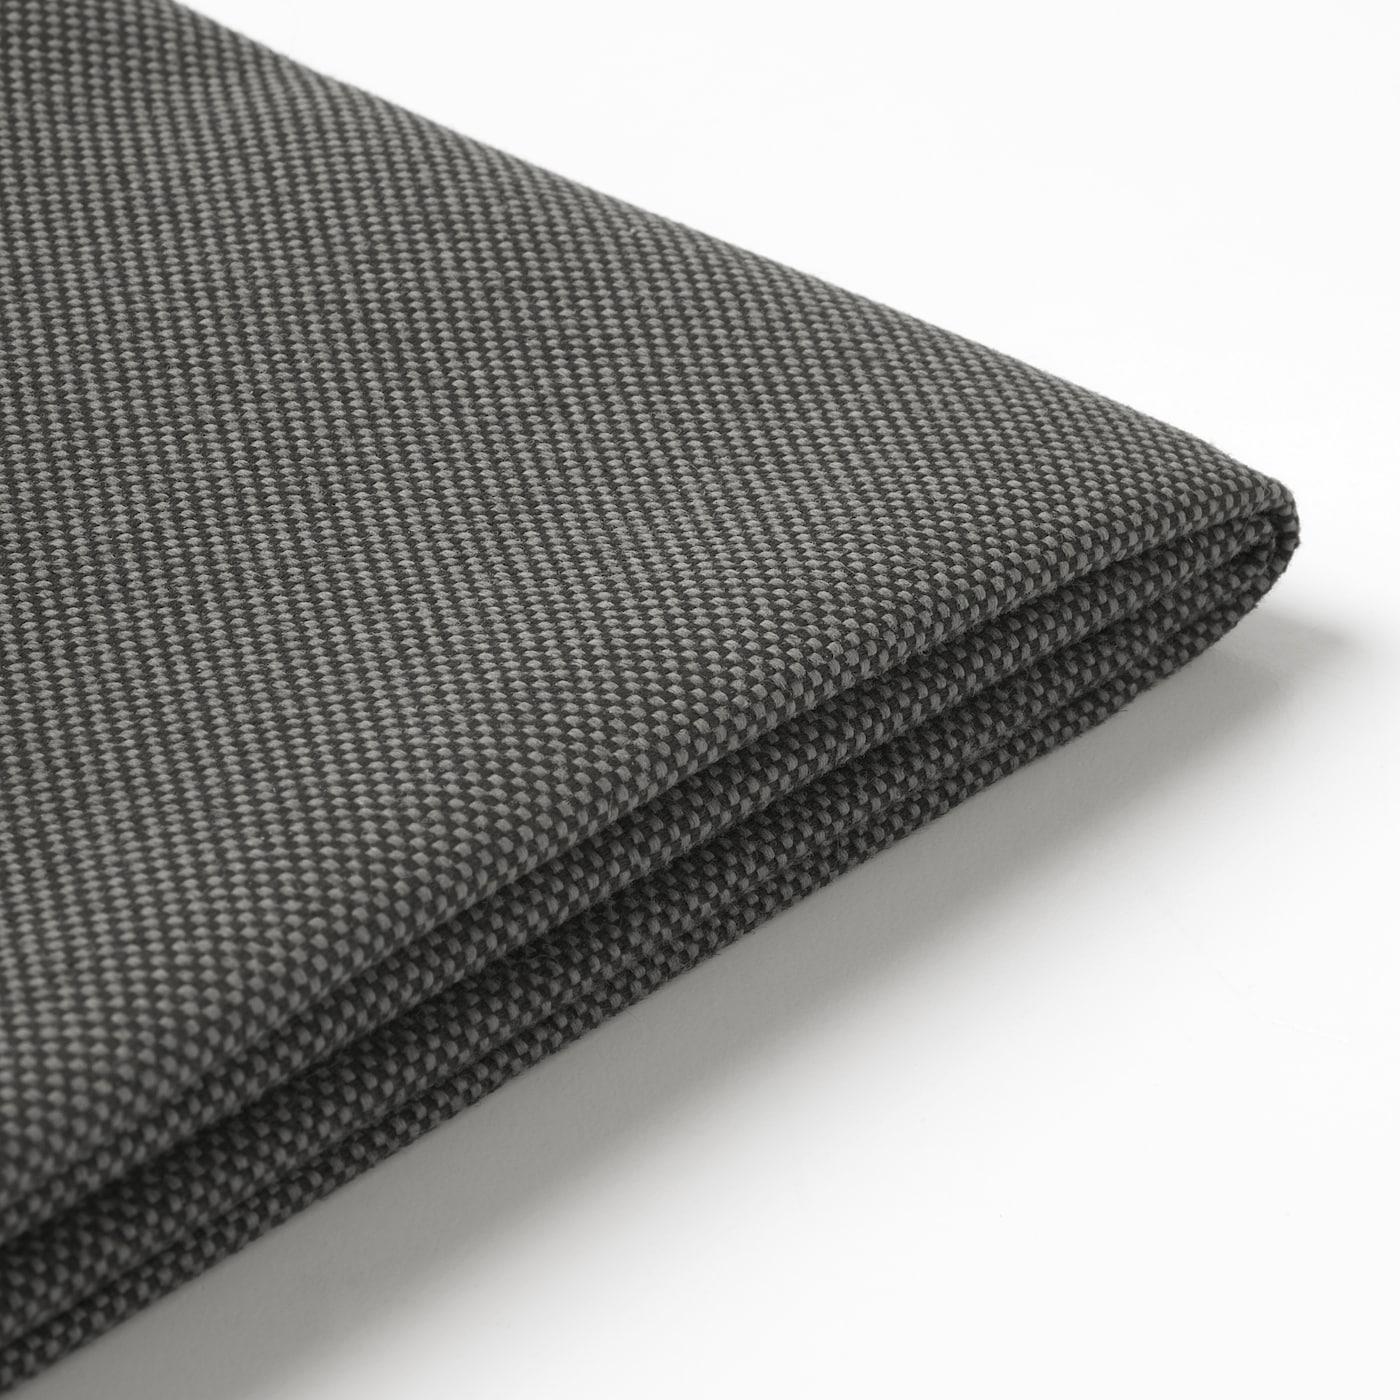 FRÖSÖN Sitzkissenbezug, für draußen dunkelgrau, 62x62 cm